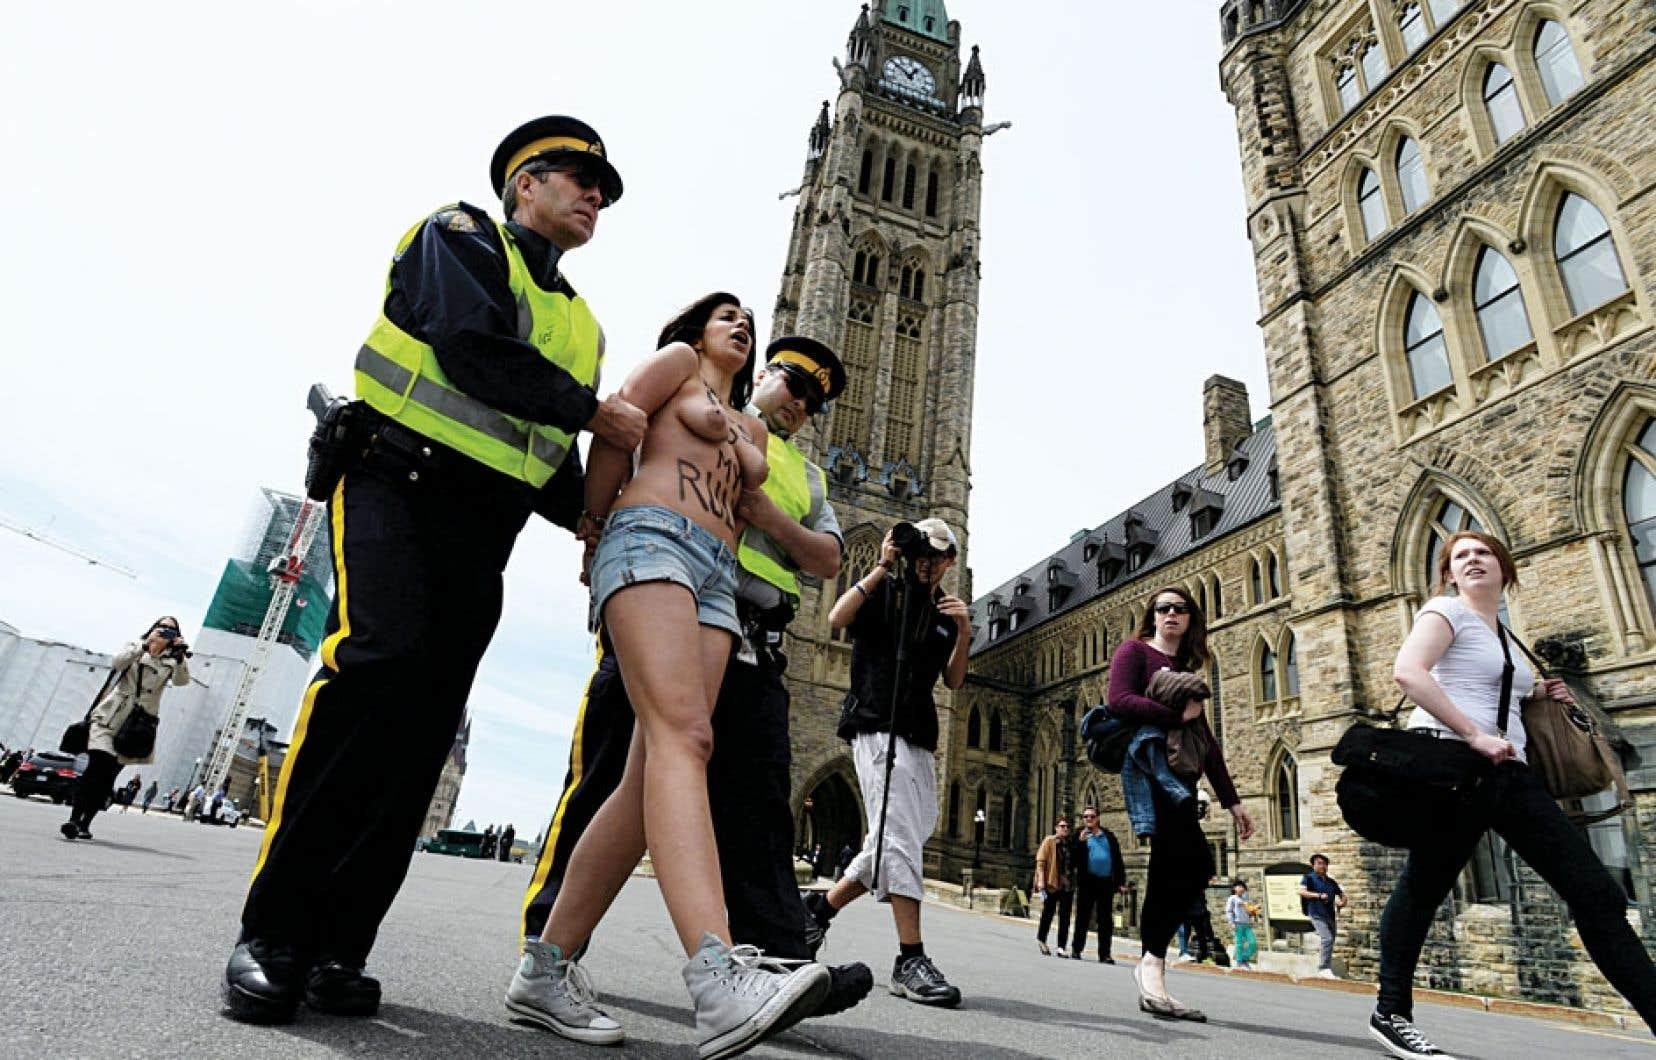 Deux militantes du groupe Femen, seins nus et scandant des slogans, se sont invitées pendant le discours du cardinal et archevêque de Québec, Gérald Cyprien Lacroix.